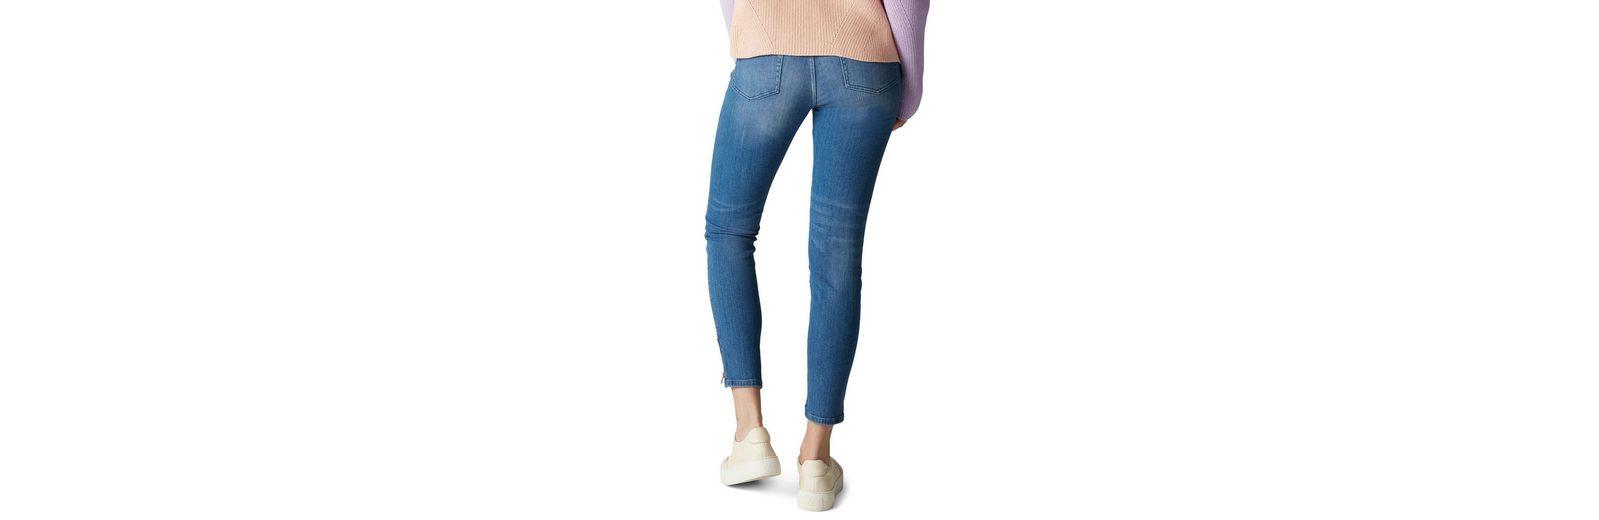 Outlet-Store Günstiger Preis Verkauf Niedrig Versandkosten Marc O'Polo DENIM Gerade Jeans Für Schön Zu Verkaufen Spielraum 2018 Neu Auslass Offizielle Seite JPDq1JT11